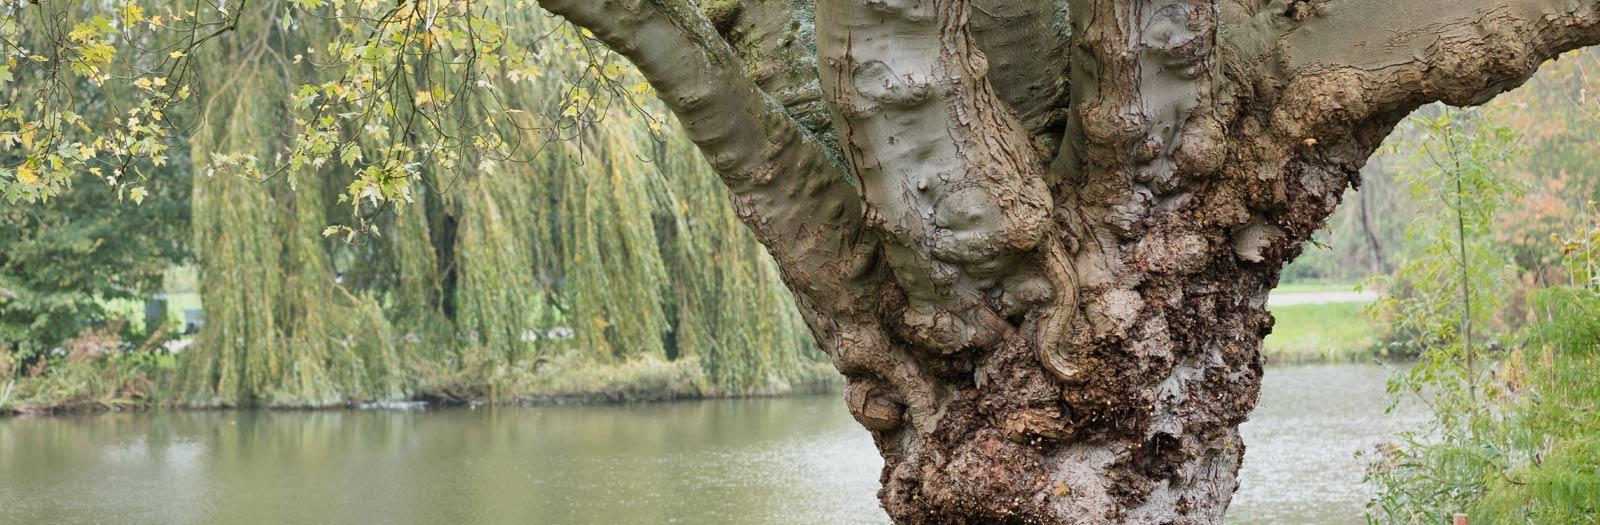 Magiche boom in Flevopark op een mooie dag